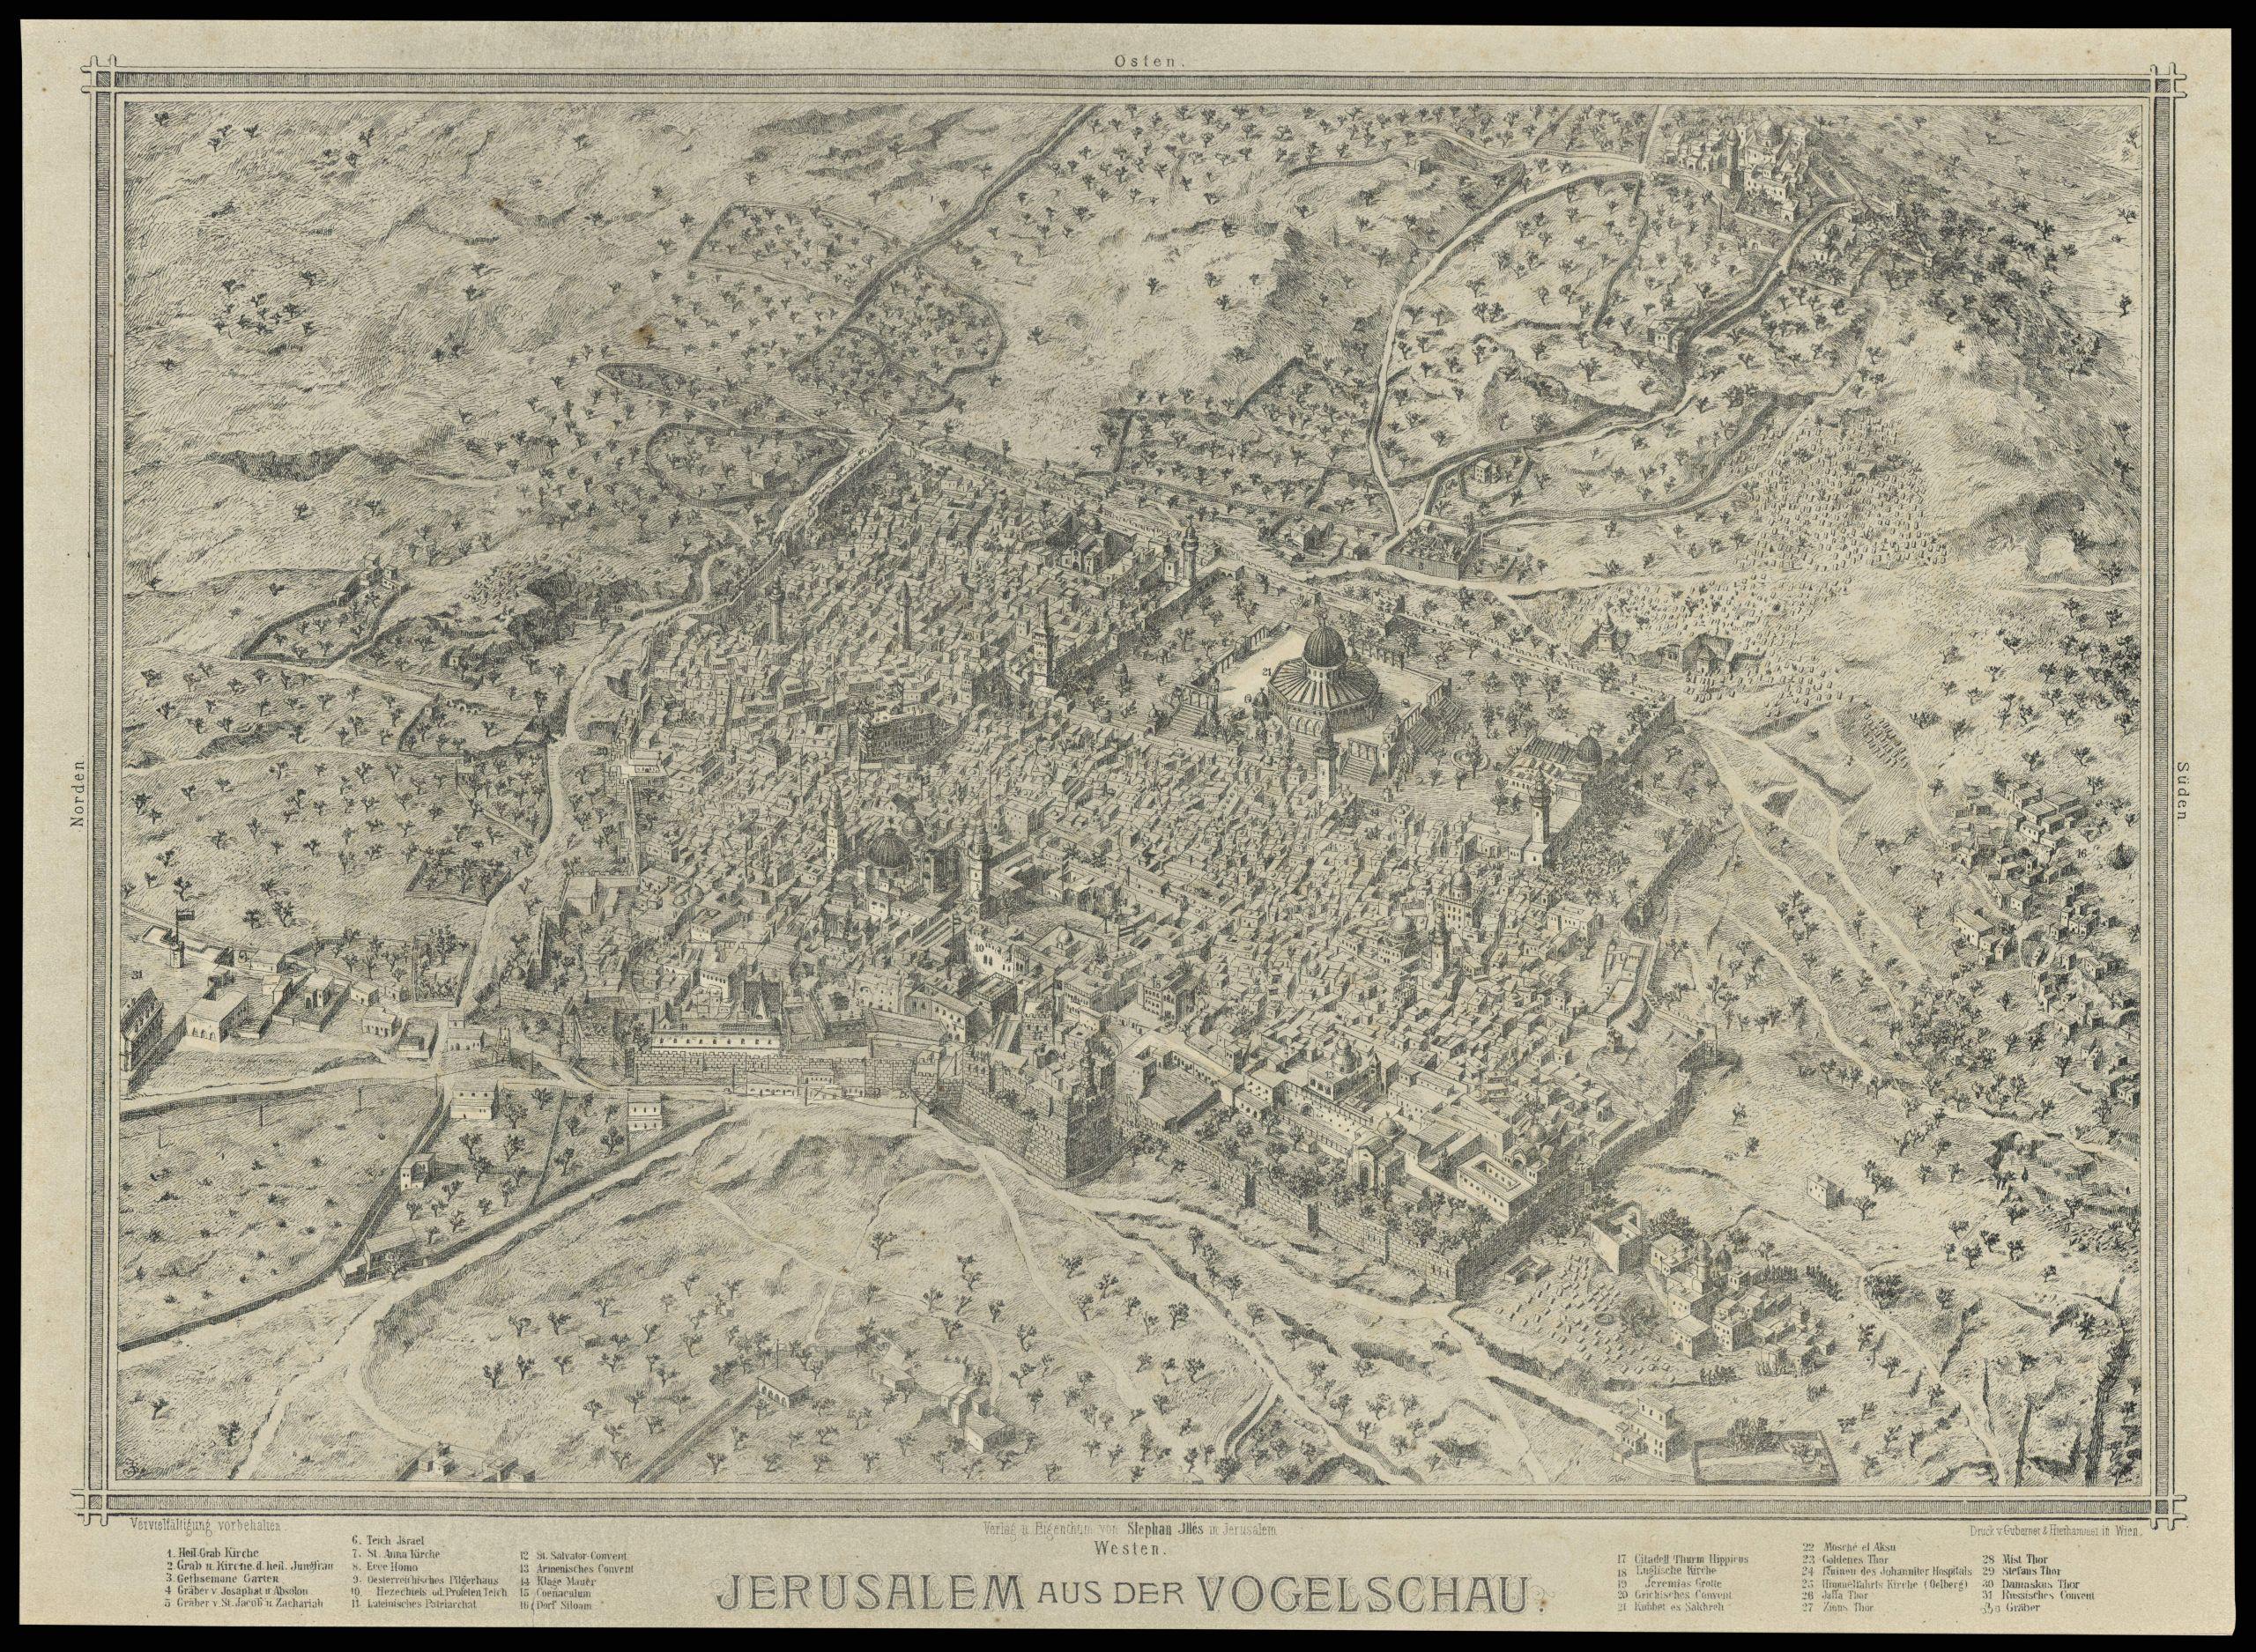 Jerusalem aus der Vogelschau